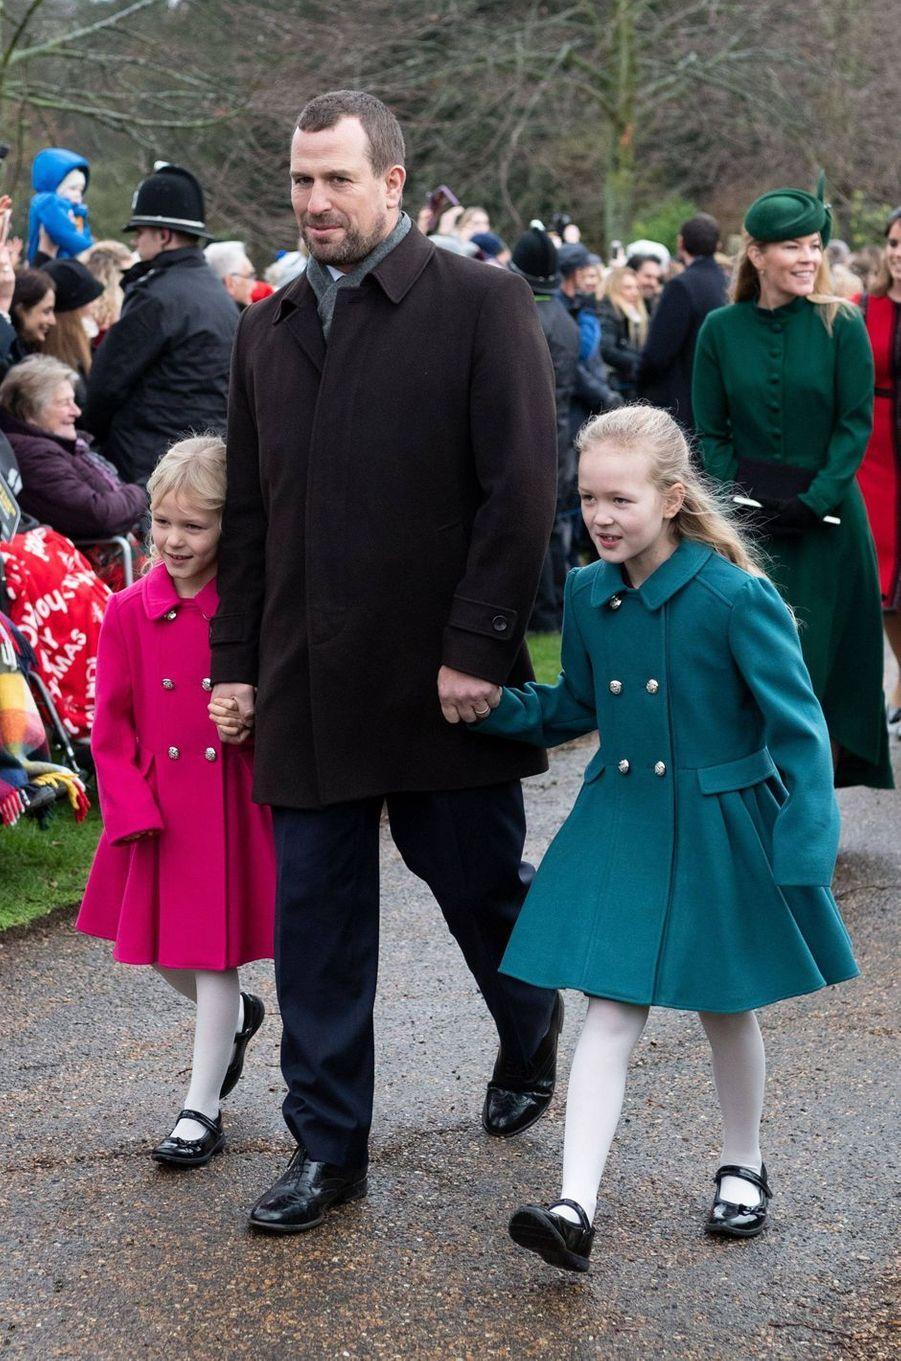 Peter et Autumn Phillips avec leurs filles Savannah et Isla à Sandringham, le 25 décembre 2018